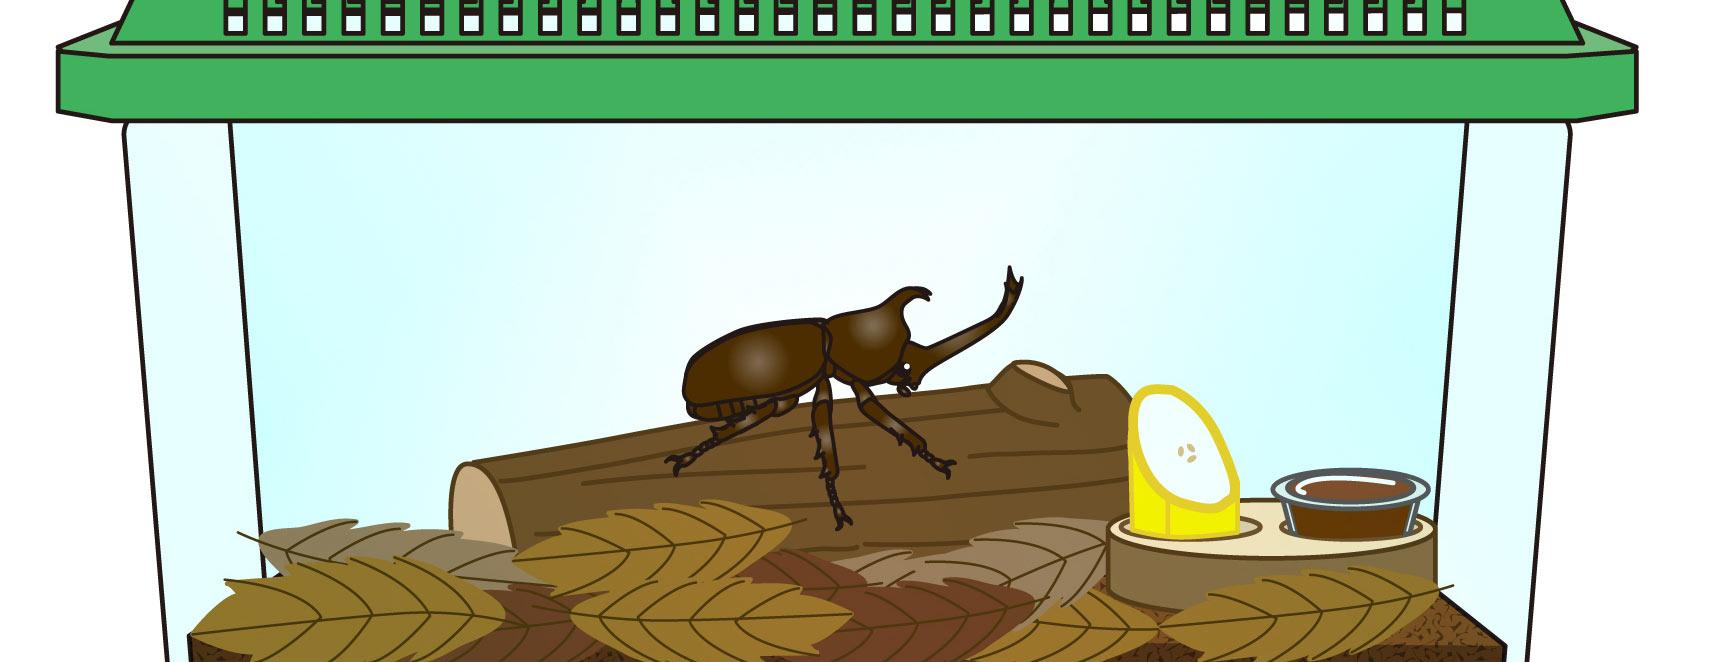 観察 カブトムシの一日観察